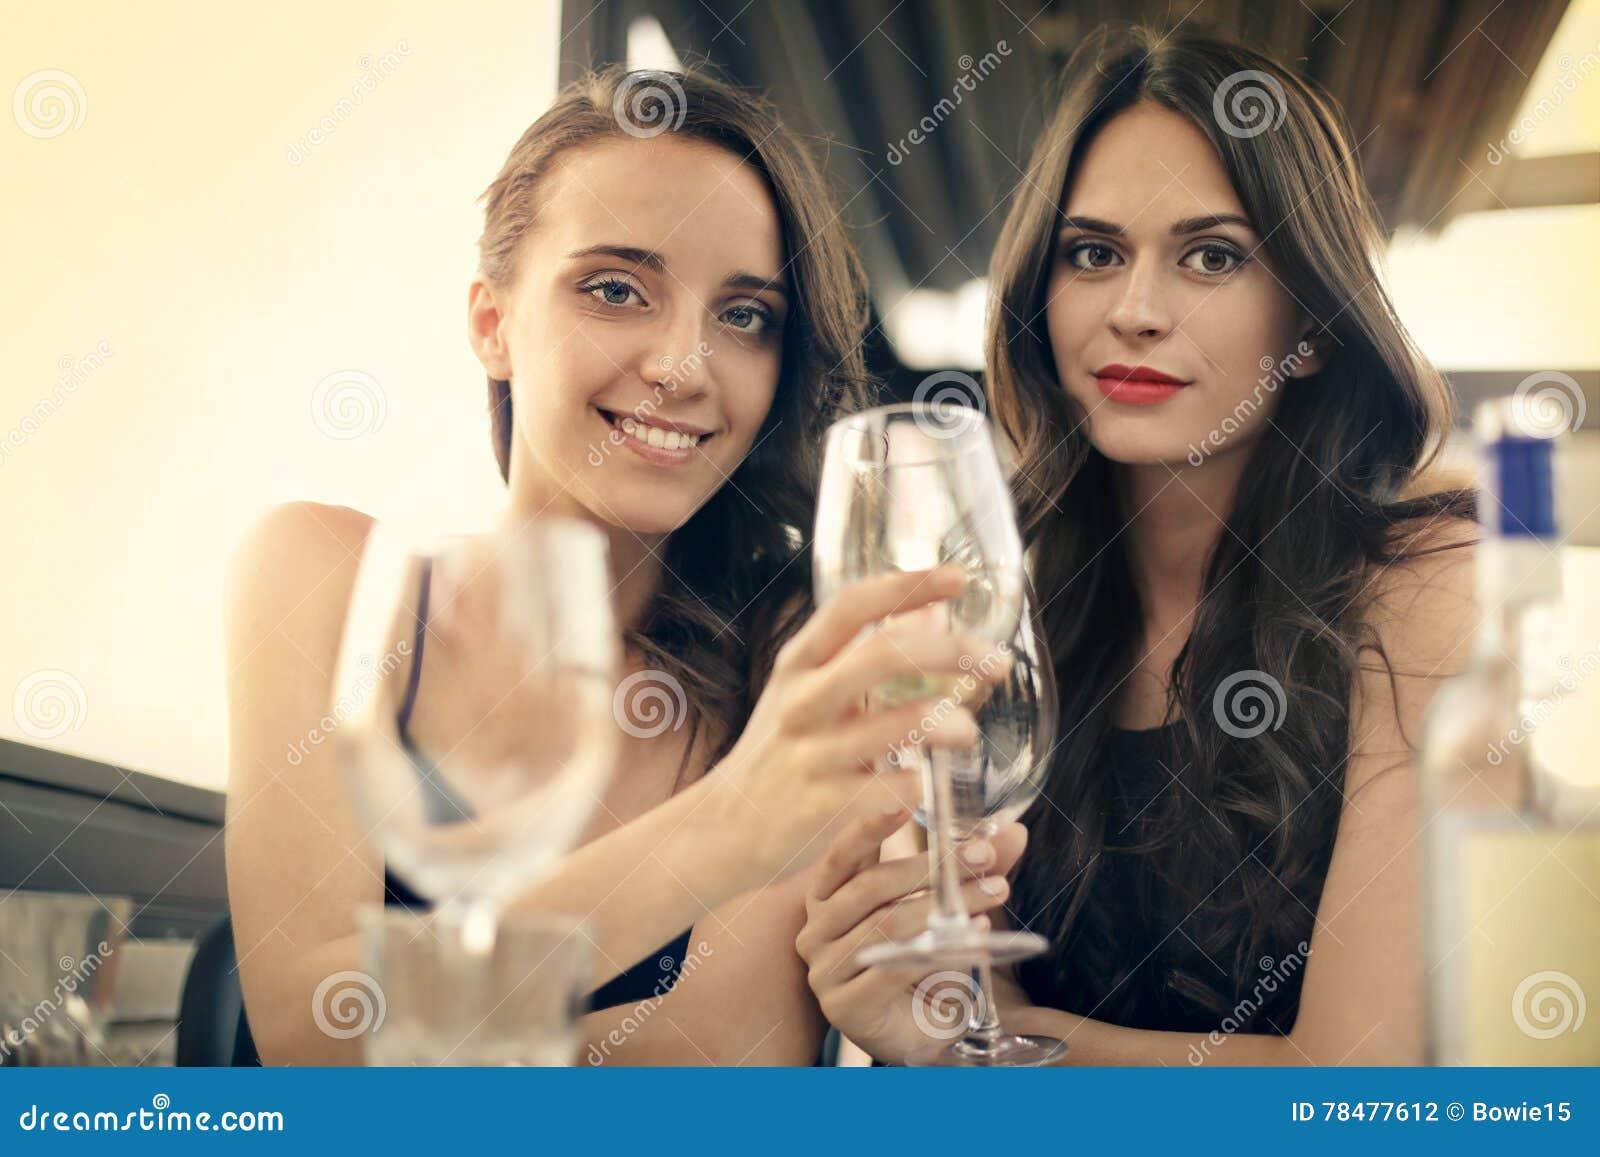 Frauen in einem Restaurant